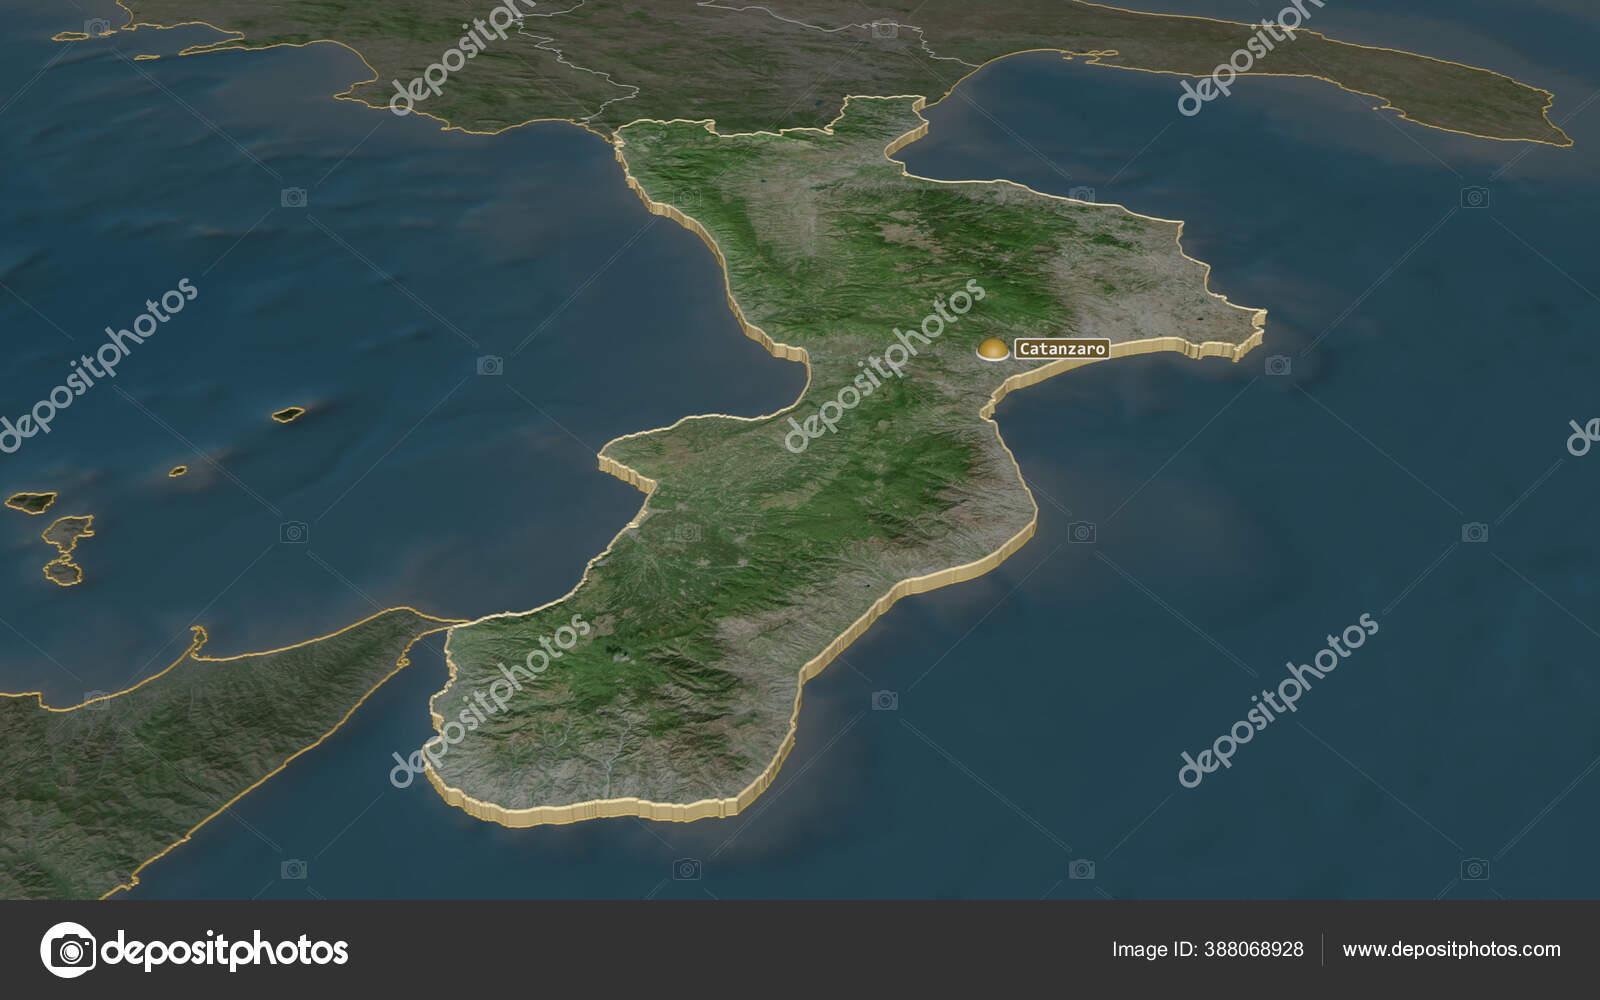 Cartina Calabria Immagini.Cartina Della Calabria Fotografie Immagini Professionali Di Stock Con Licenza Royalty Free